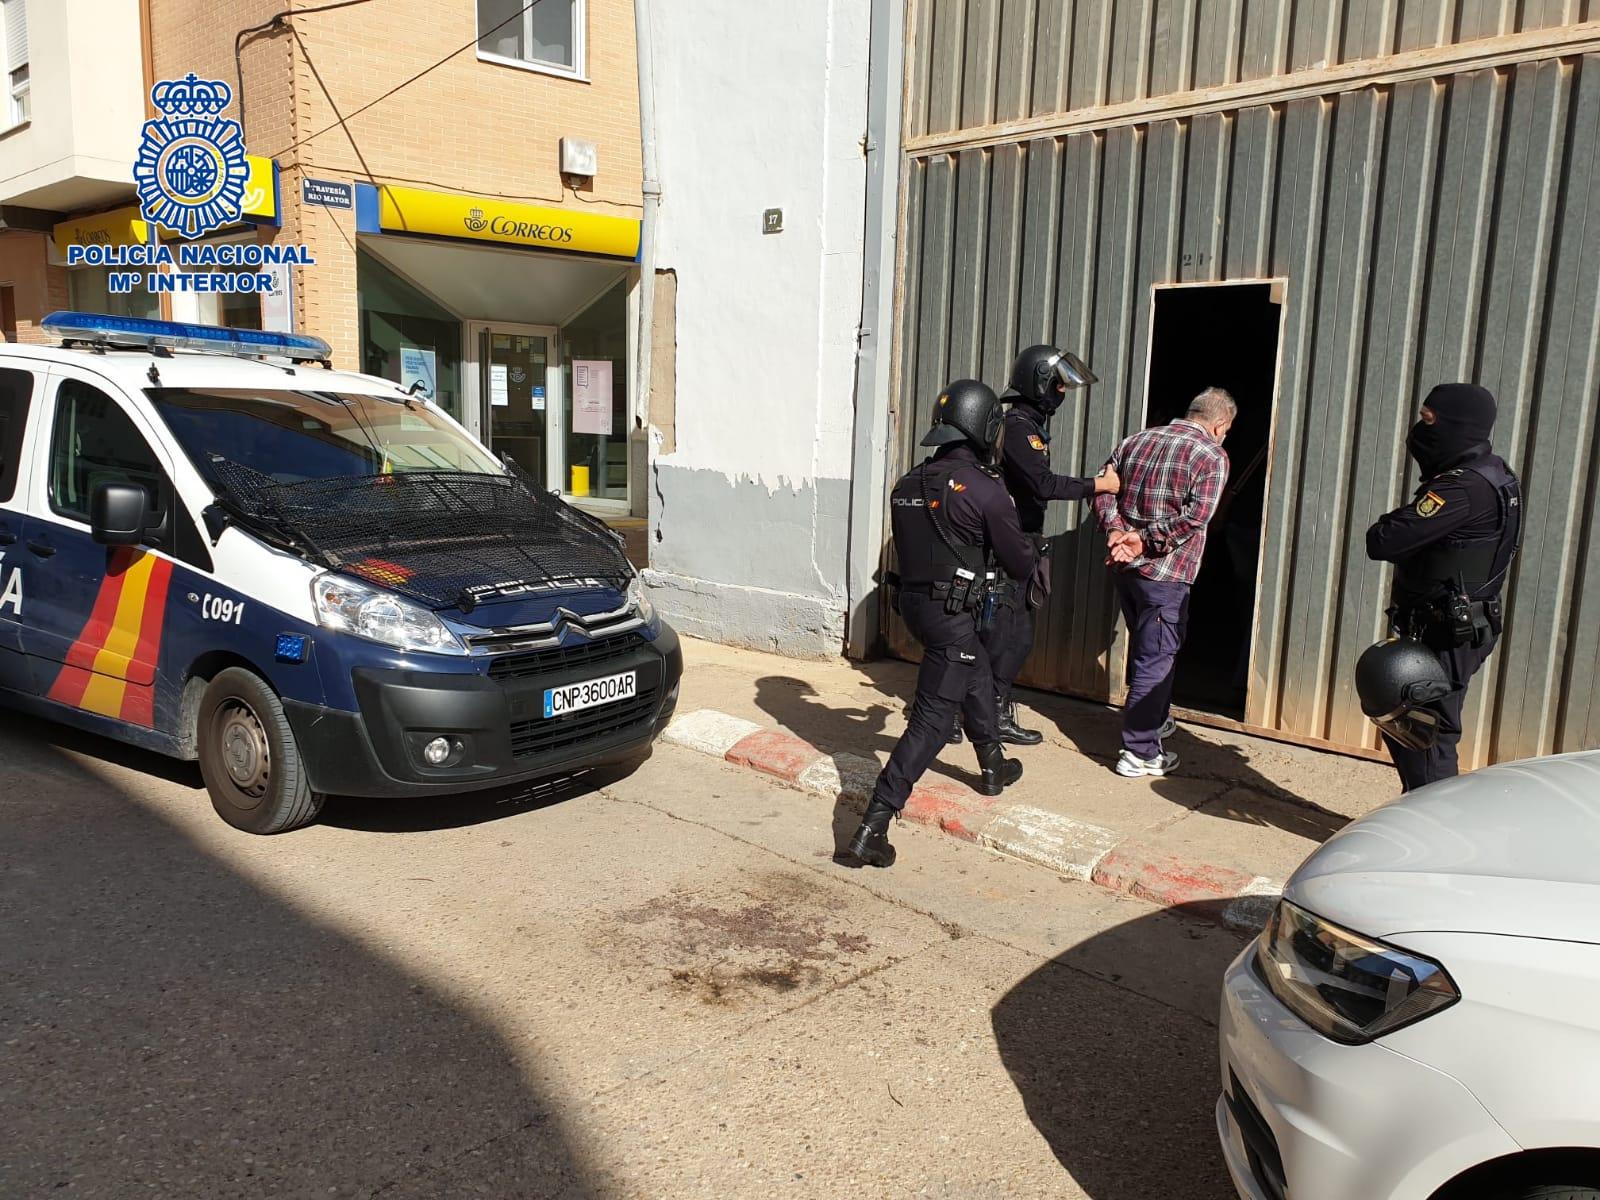 Operación 'Laurel y Hardy': Detenidos los atracadores de cuatro asaltos a supermercados en La Rioja 3